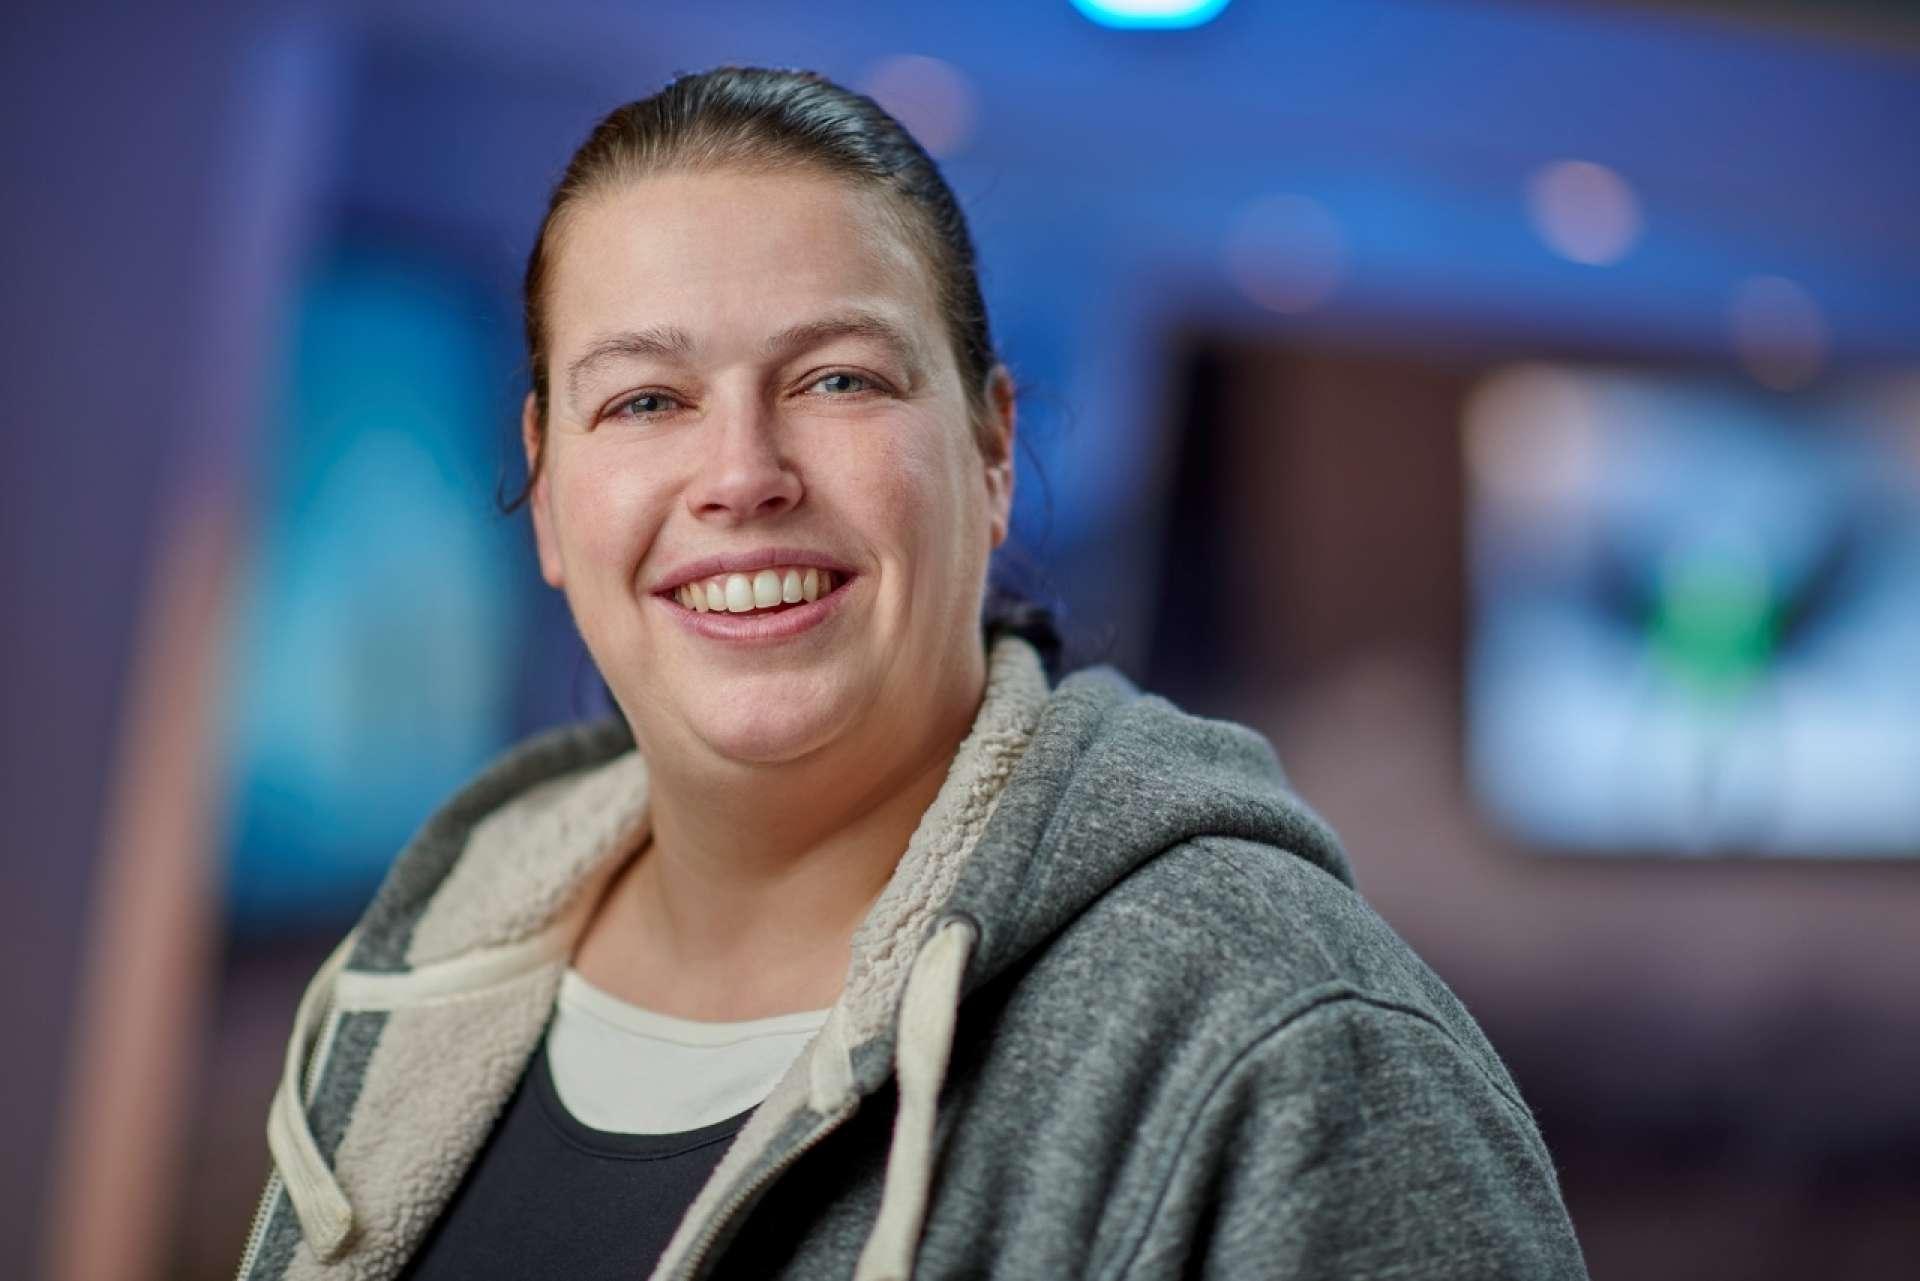 Richelle Kramer